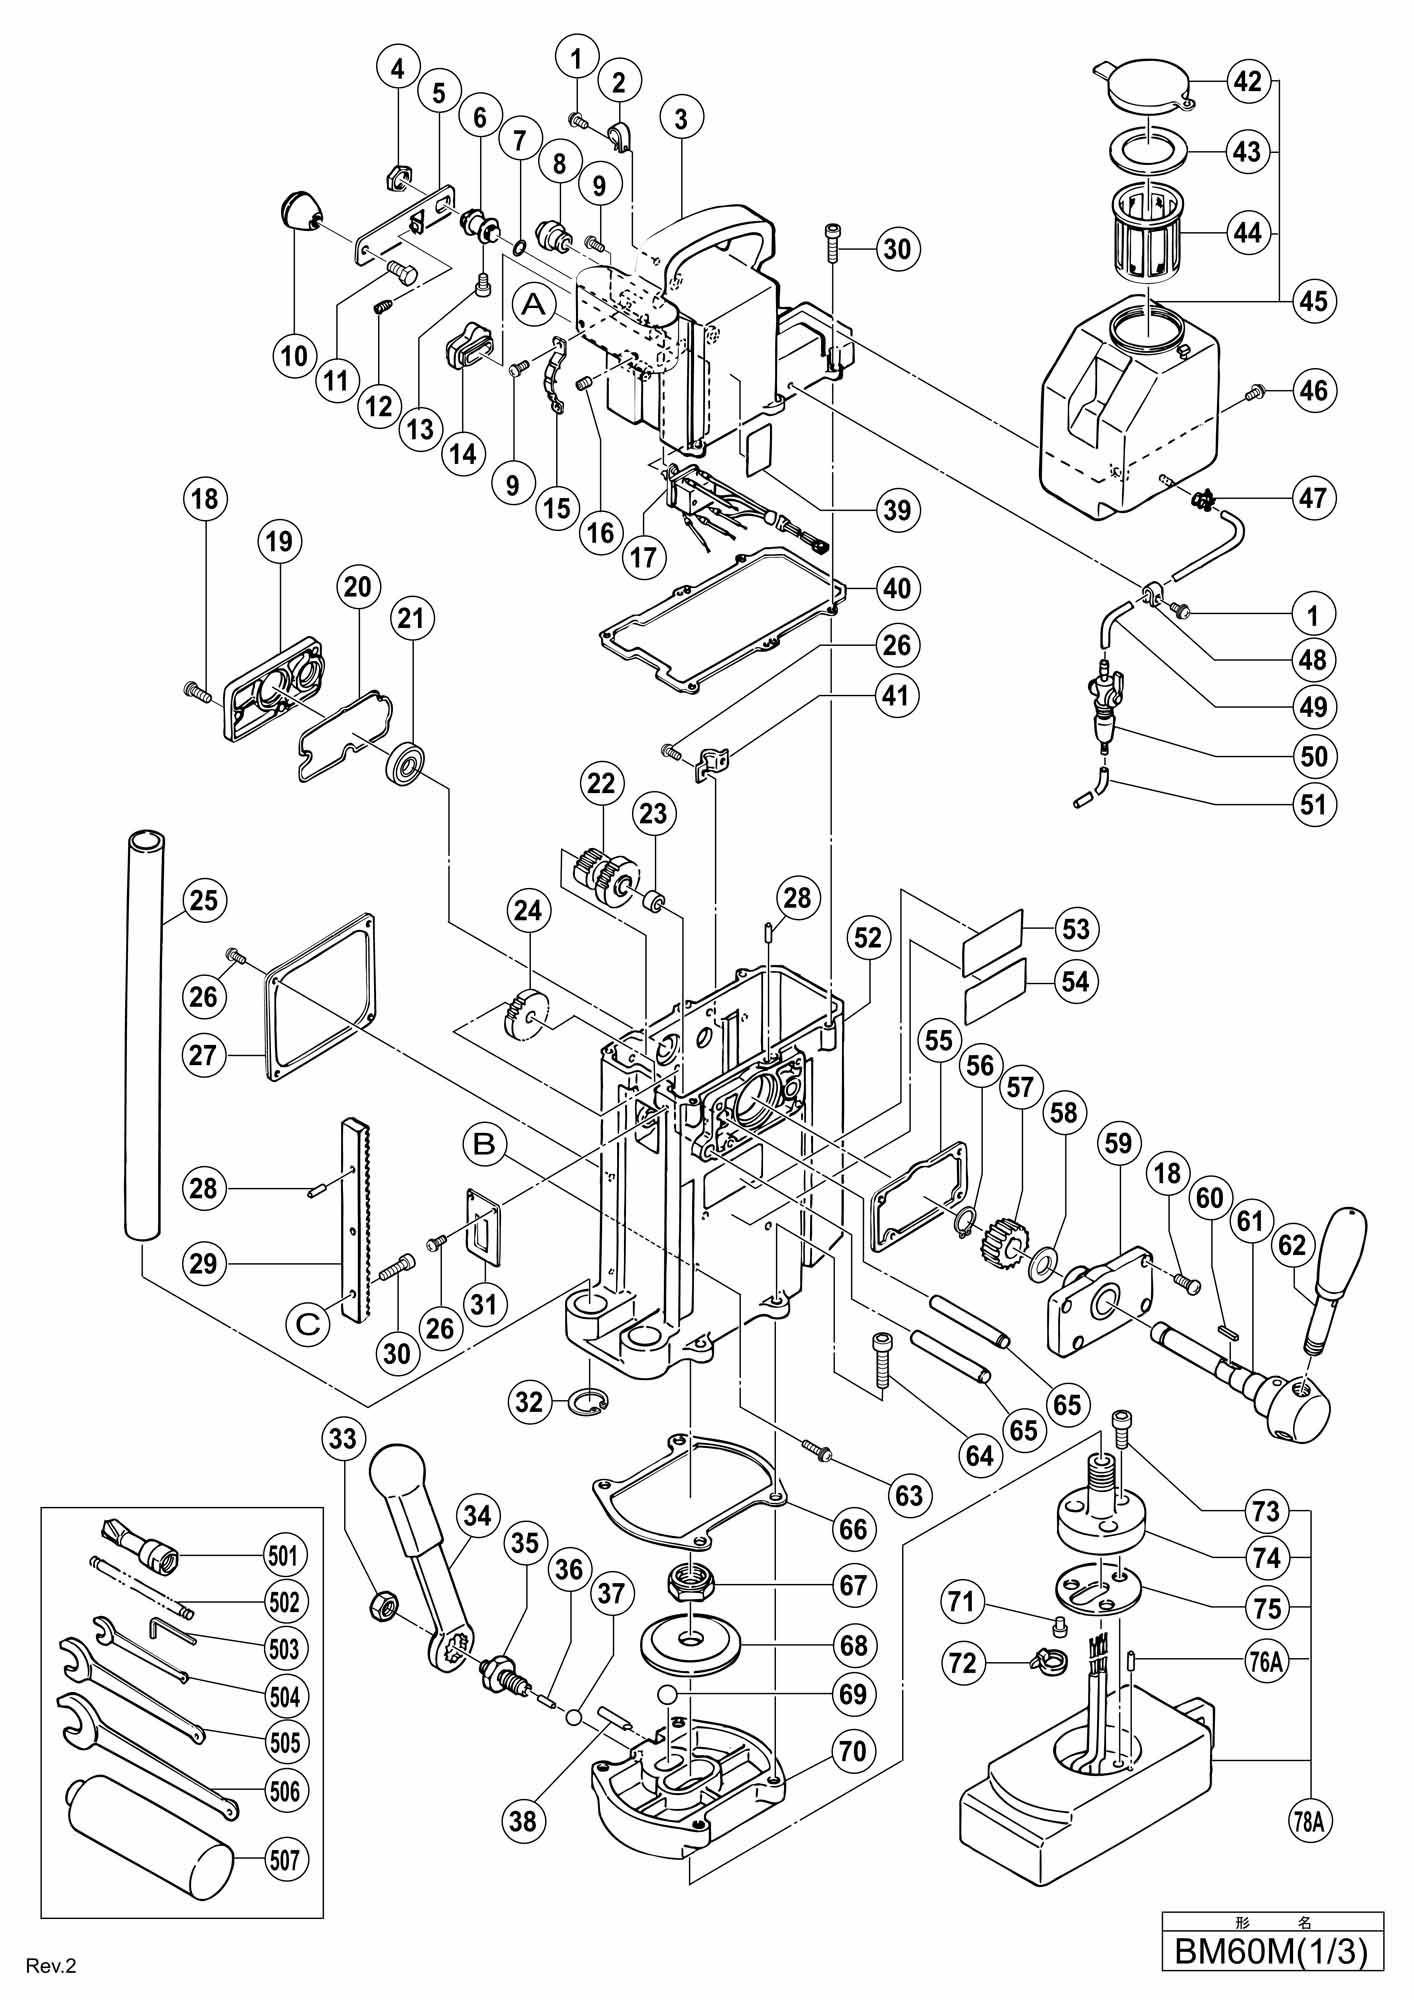 meter lock diagram wiring diagram online Electric Meter Box Wiring Diagram bm line lock diagram wiring diagram data gas meter diagram bm line lock diagram wiring diagram